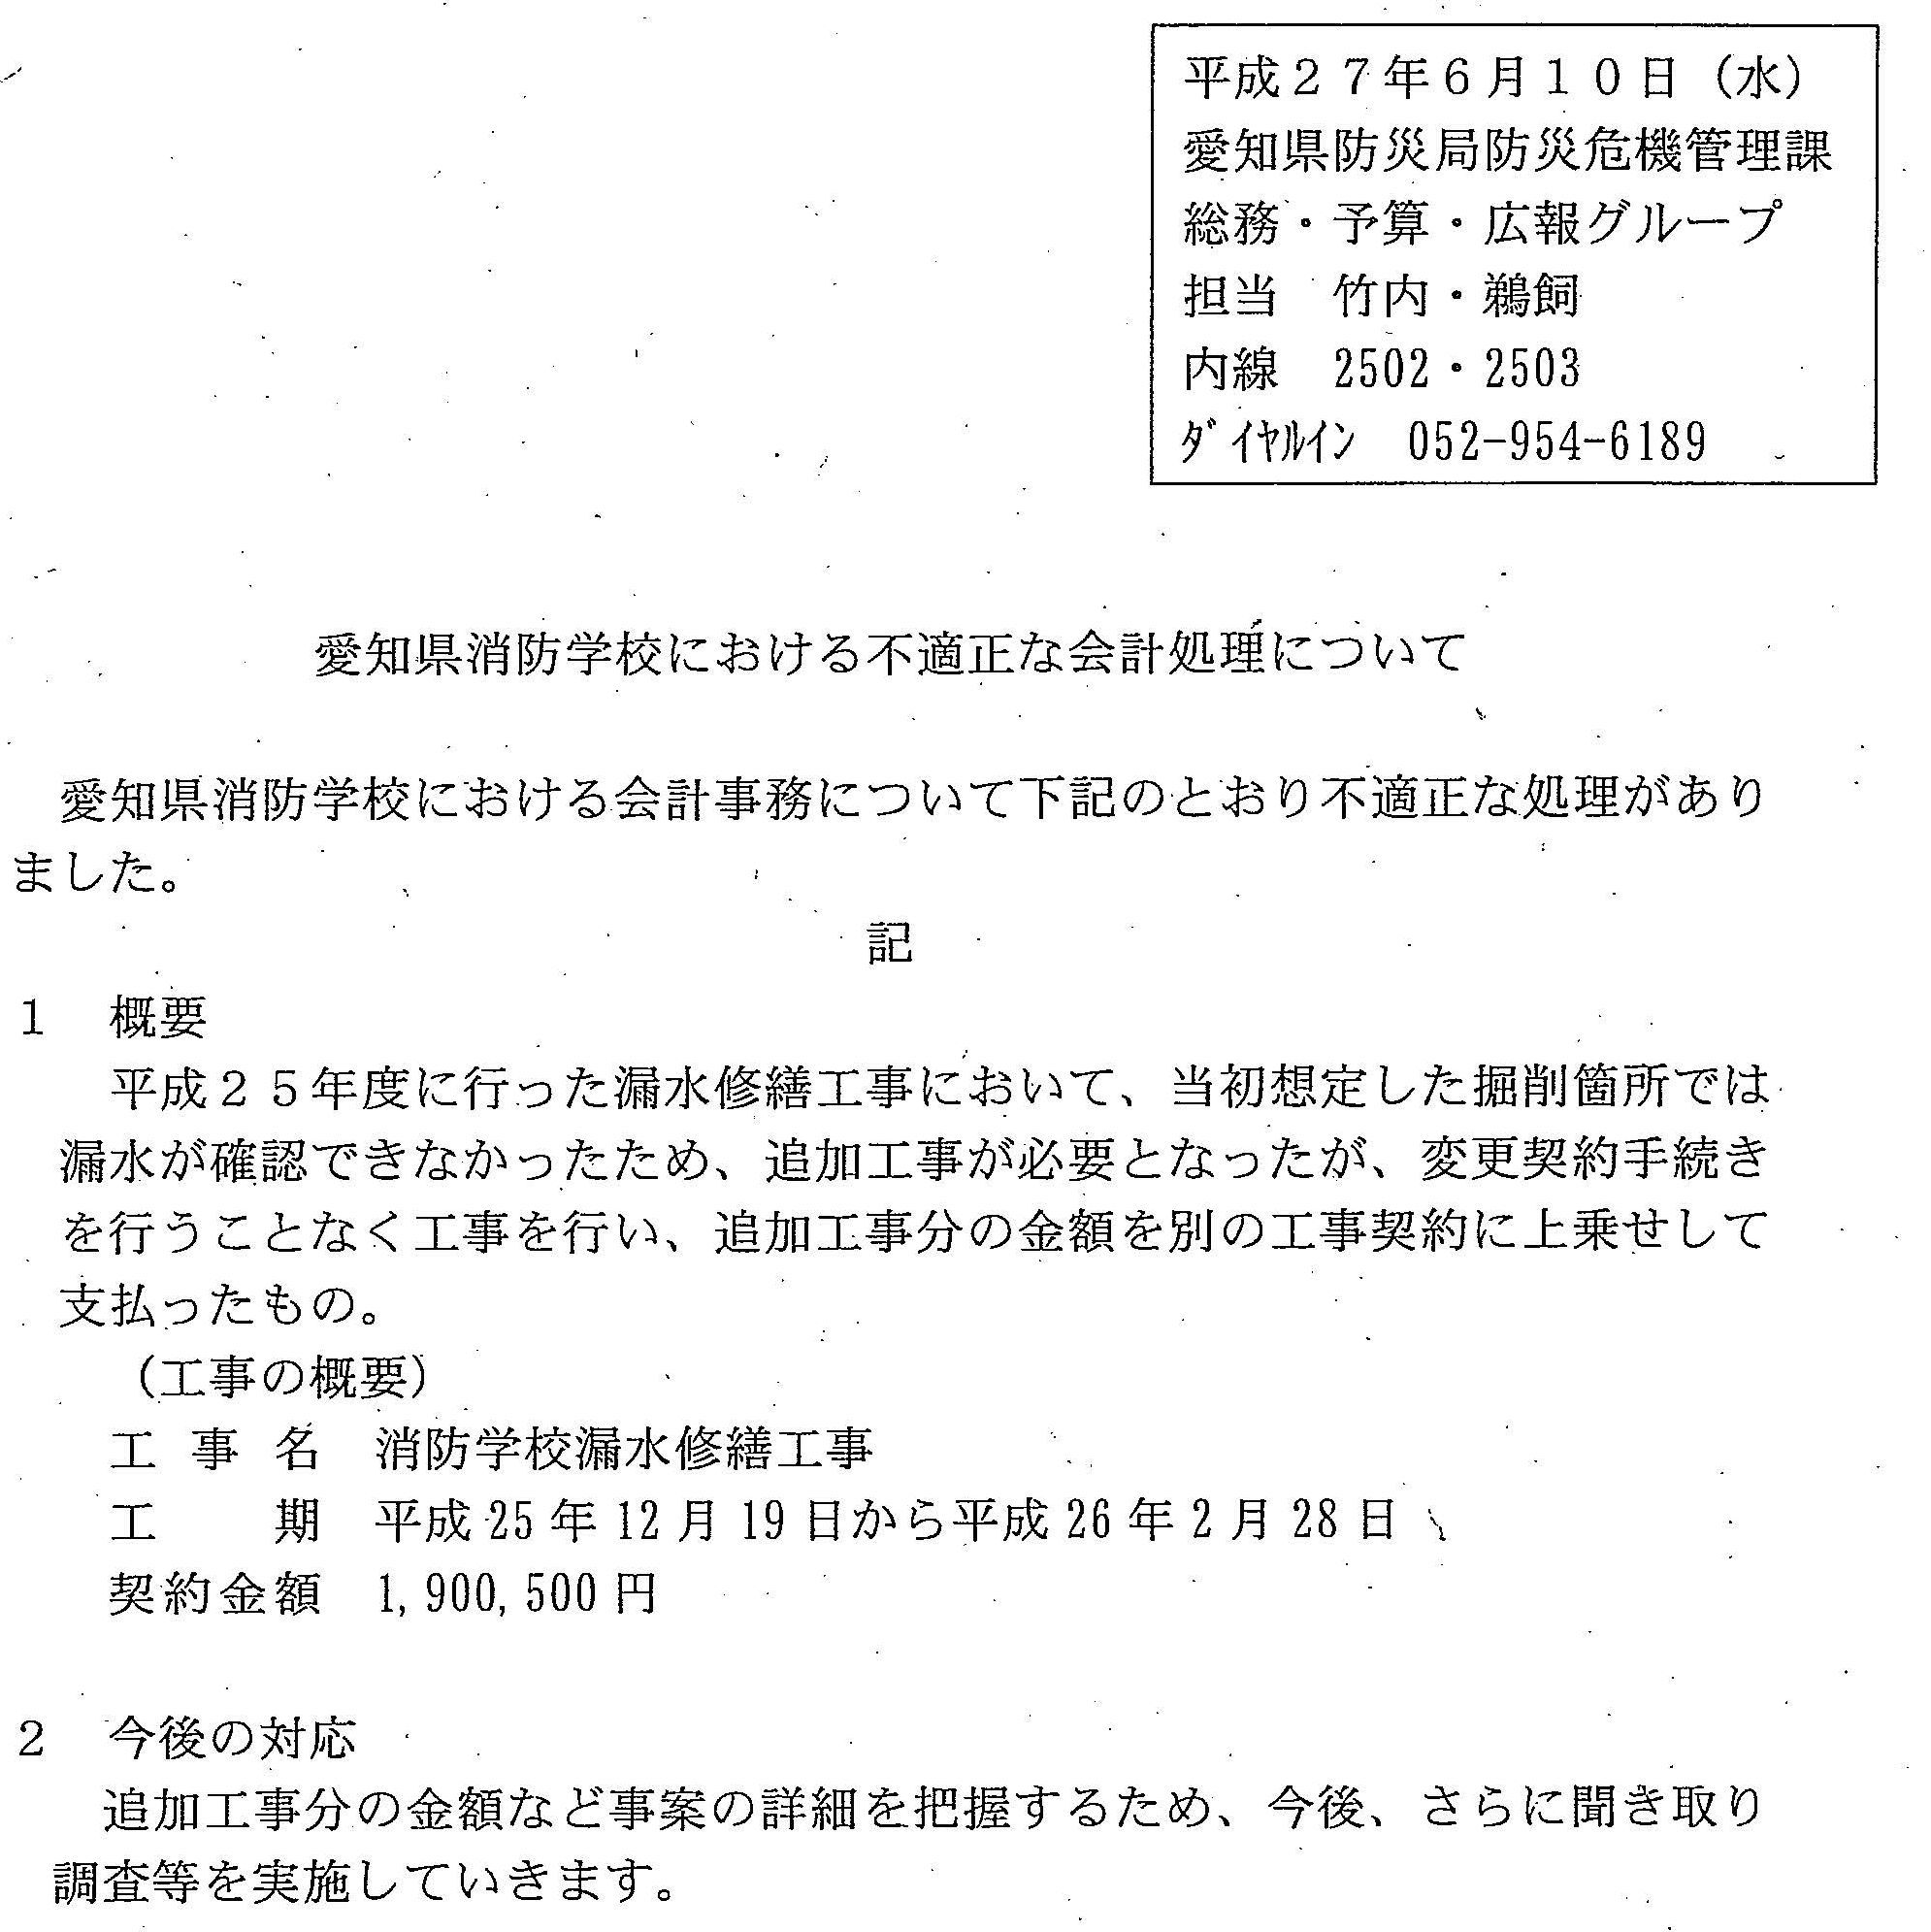 愛知県防災局職員 消防学校裏金に関与させられ自殺か_d0011701_16250959.jpg